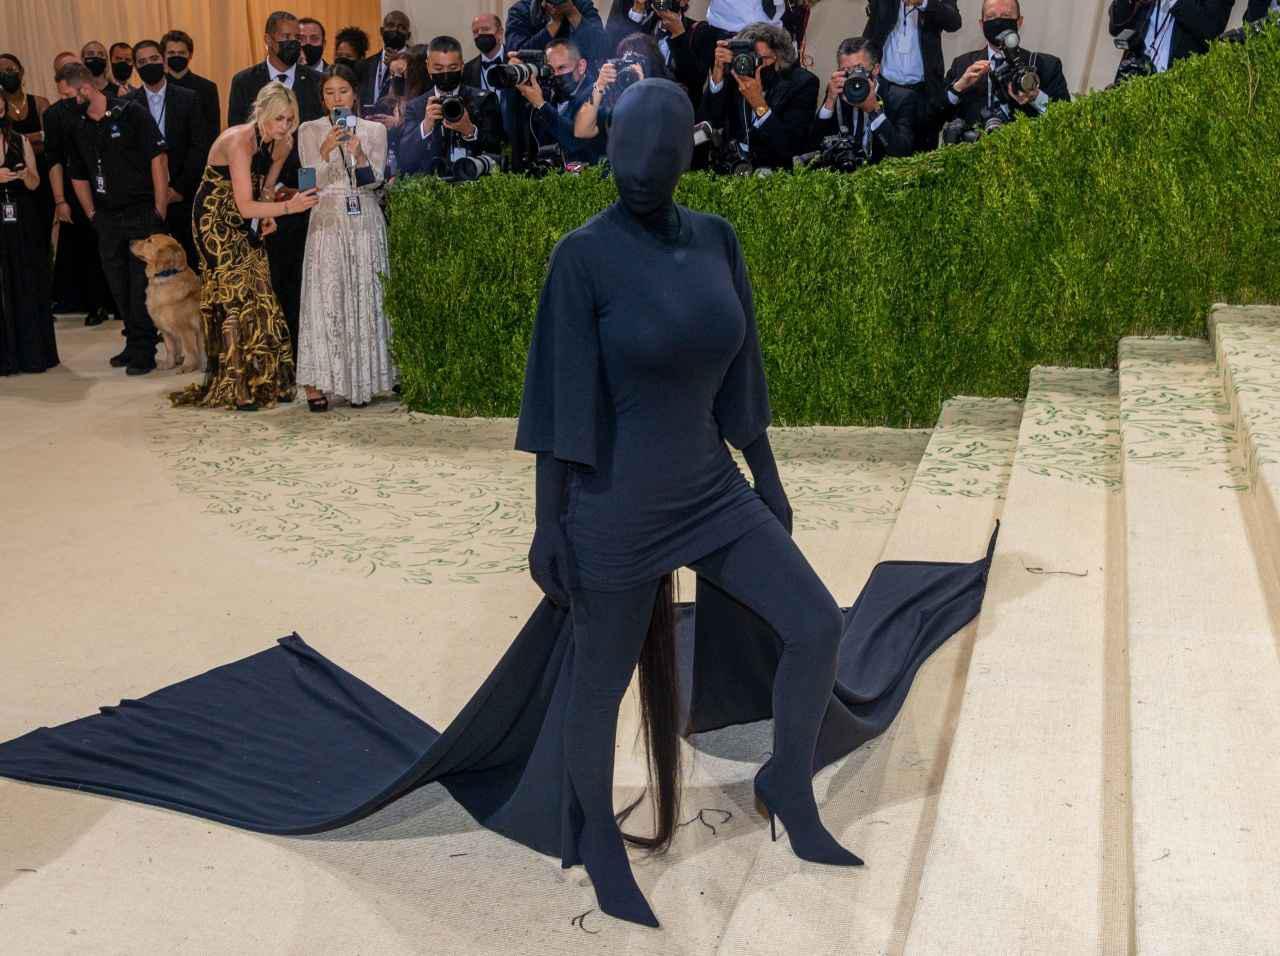 画像: キム・カーダシアンの覆面ファッション、その下のメイクはどうなっていた? - フロントロウ -海外セレブ&海外カルチャー情報を発信